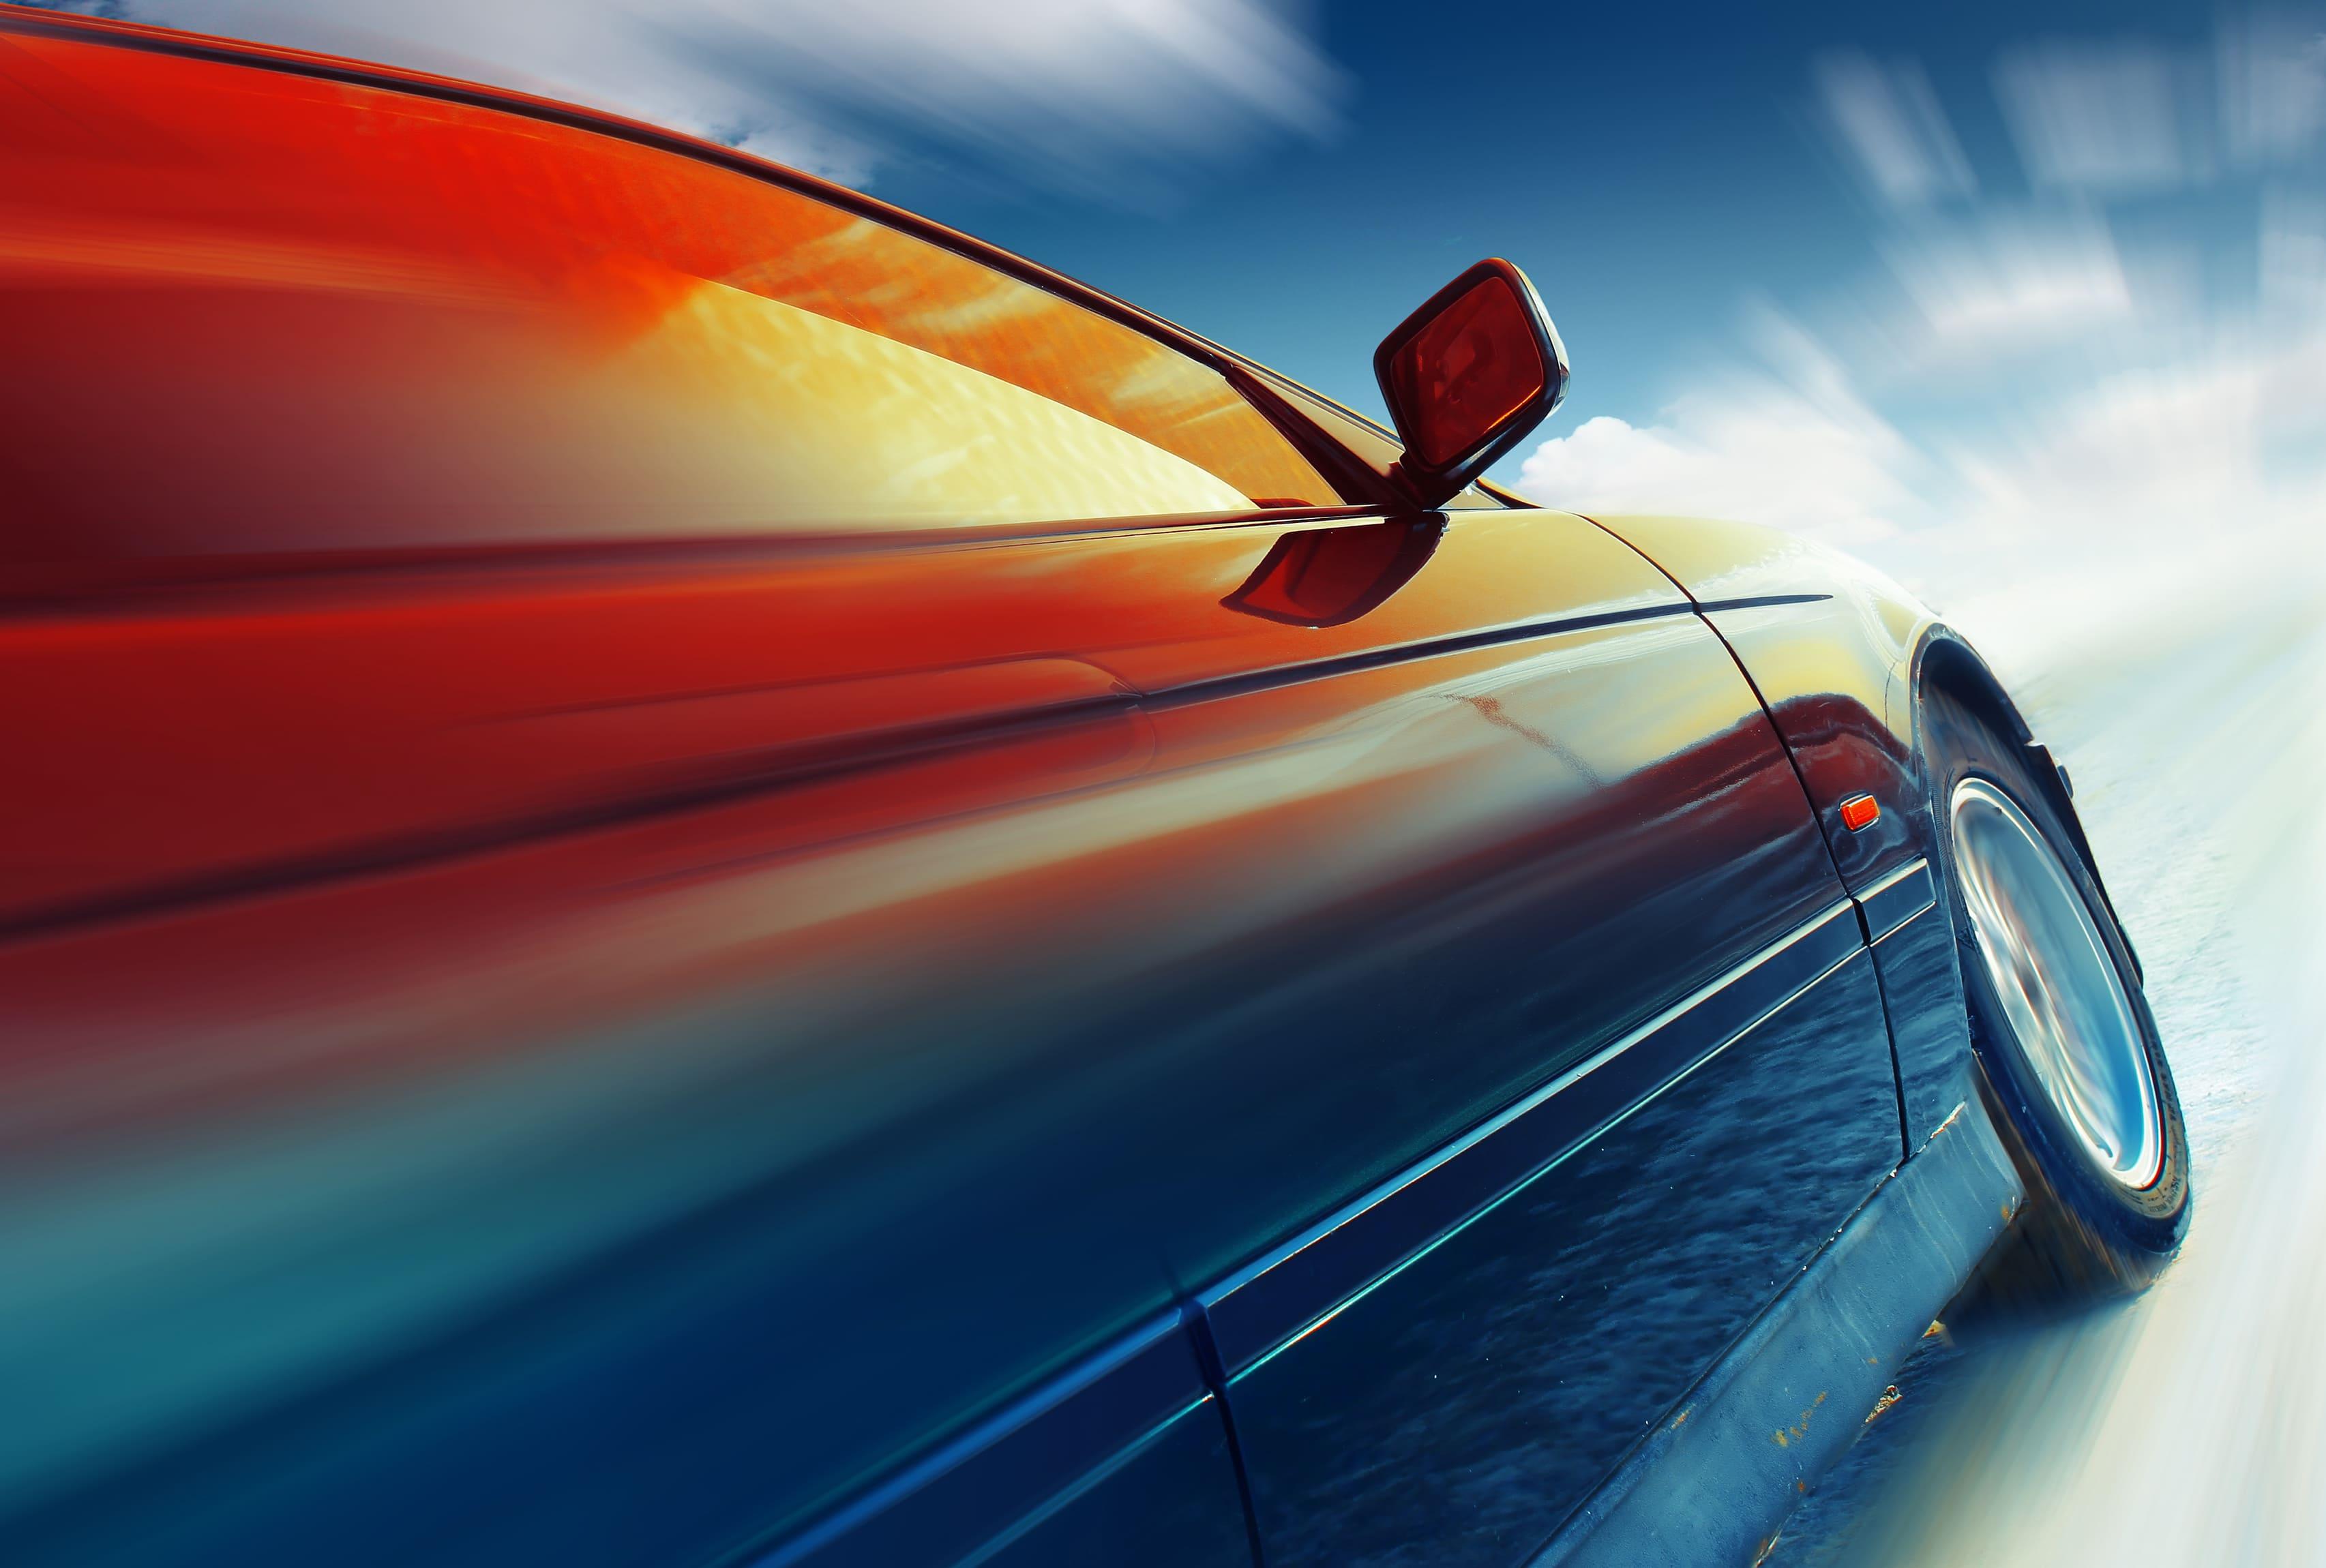 「ボルボ」の中古車を自社ローンで購入した方の車両価格相場と口コミ(体験談)